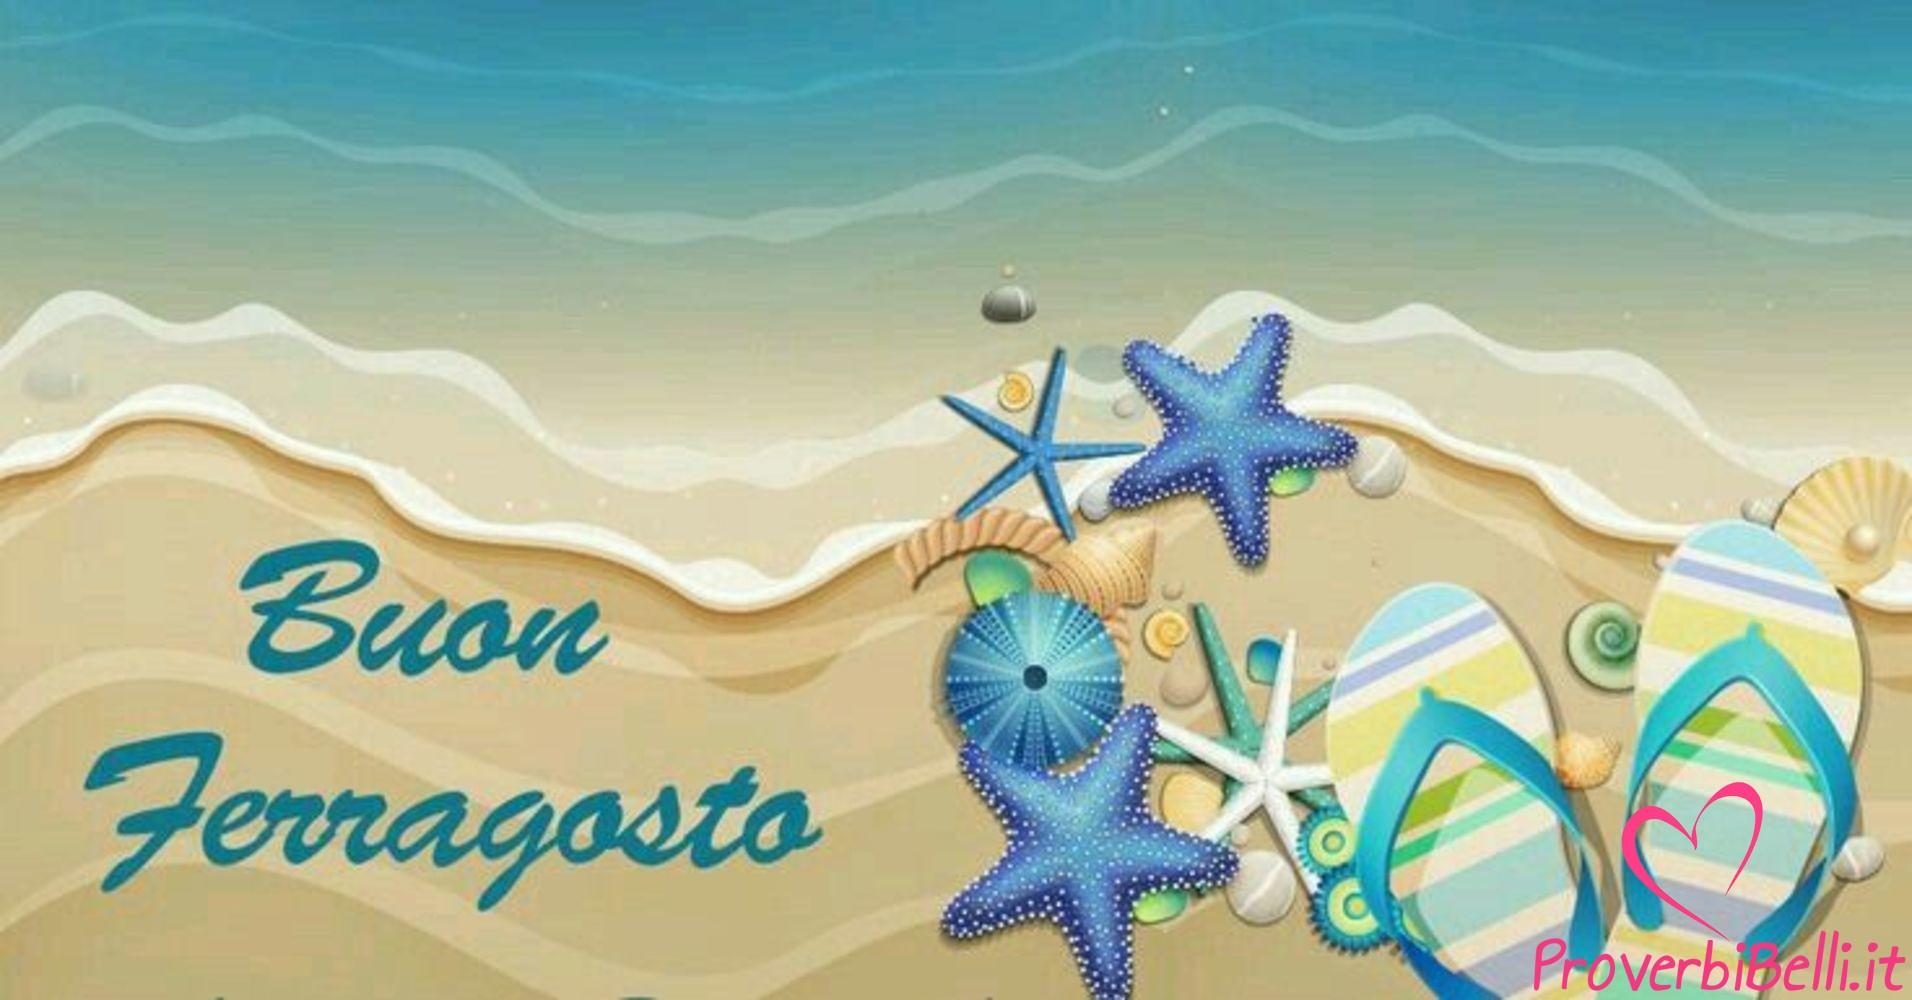 Buon-Ferragosto-Immagini-Belle-14